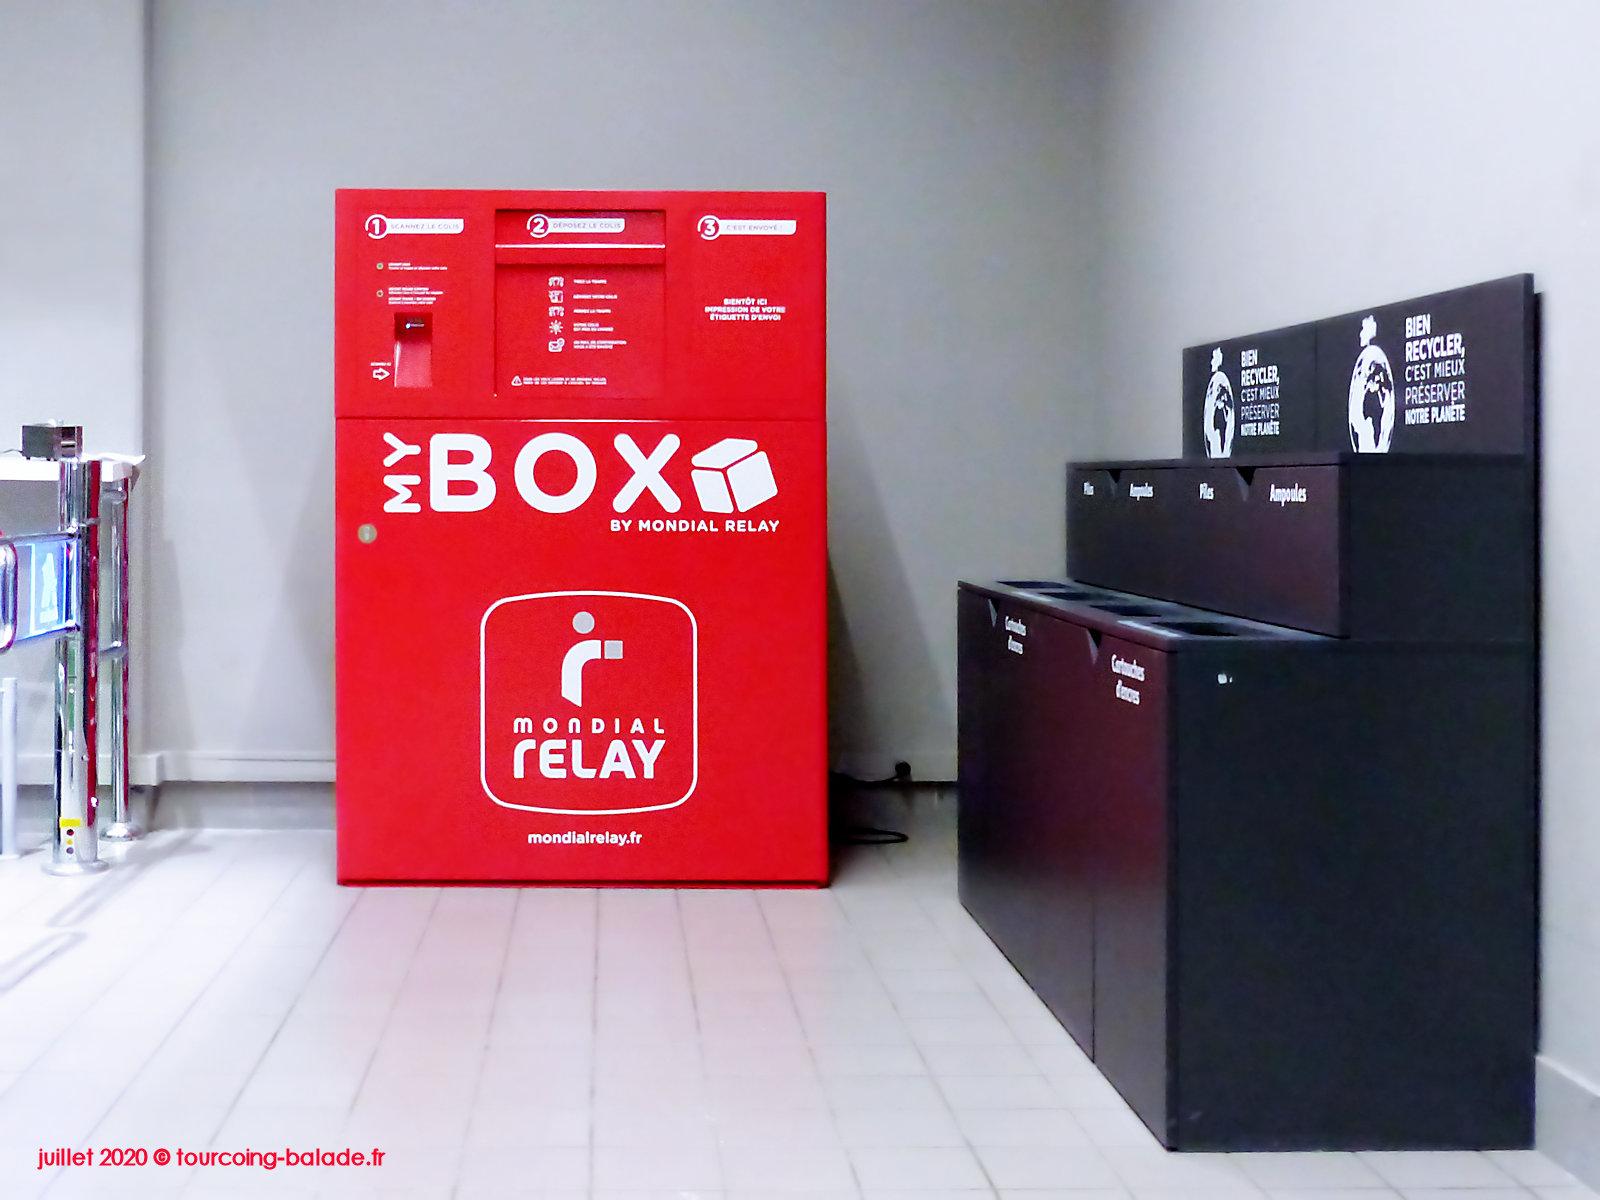 My Box Mondial Relay, Tourcoing Centre